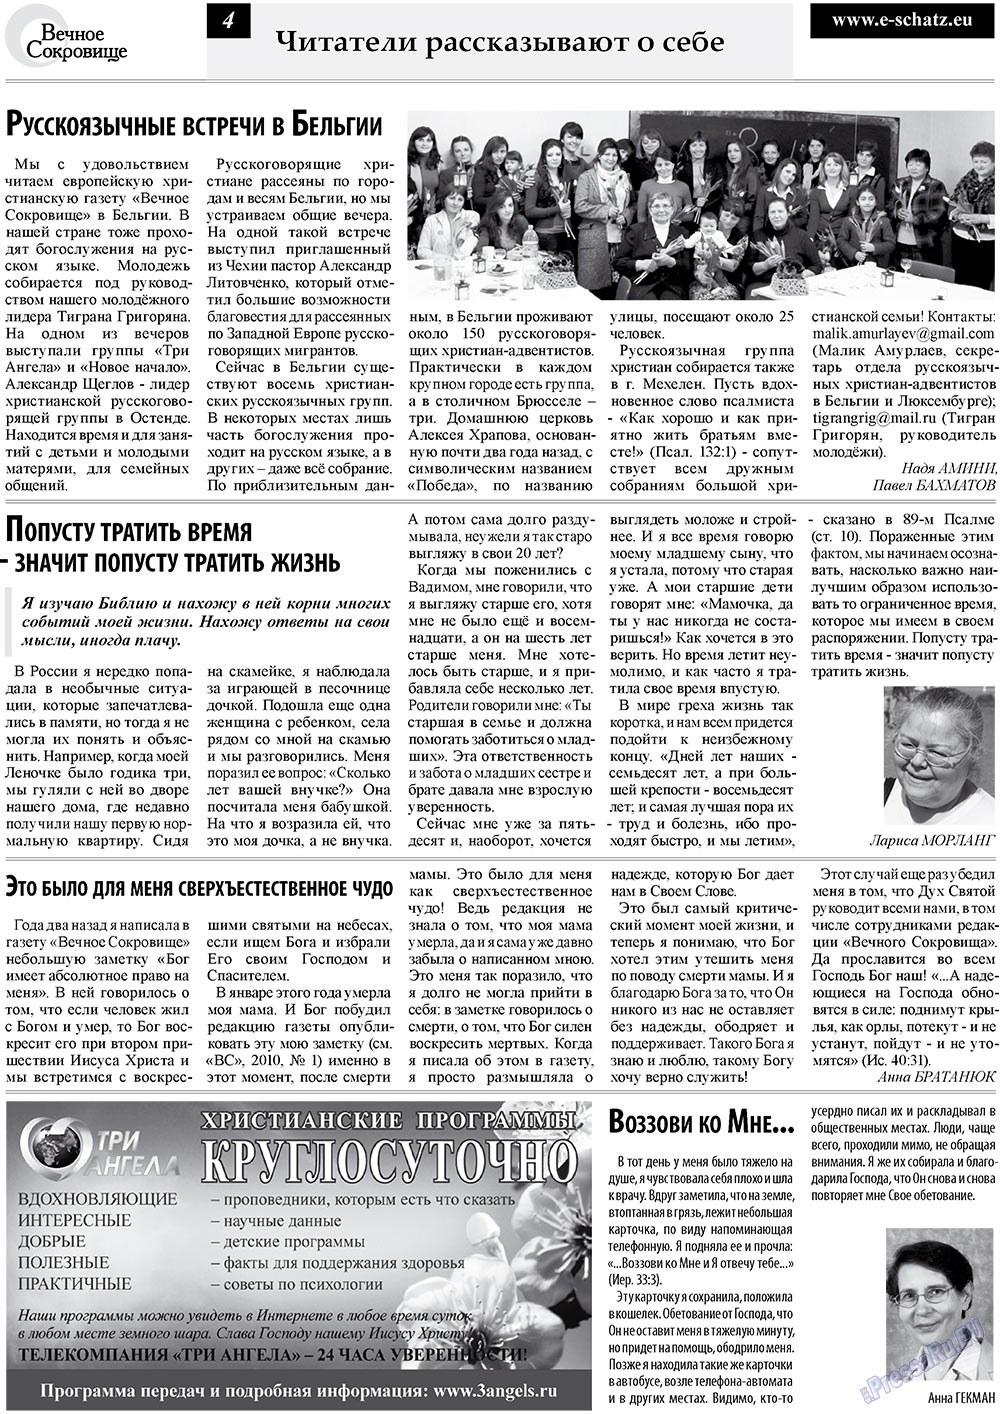 Вечное сокровище (газета). 2010 год, номер 3, стр. 4